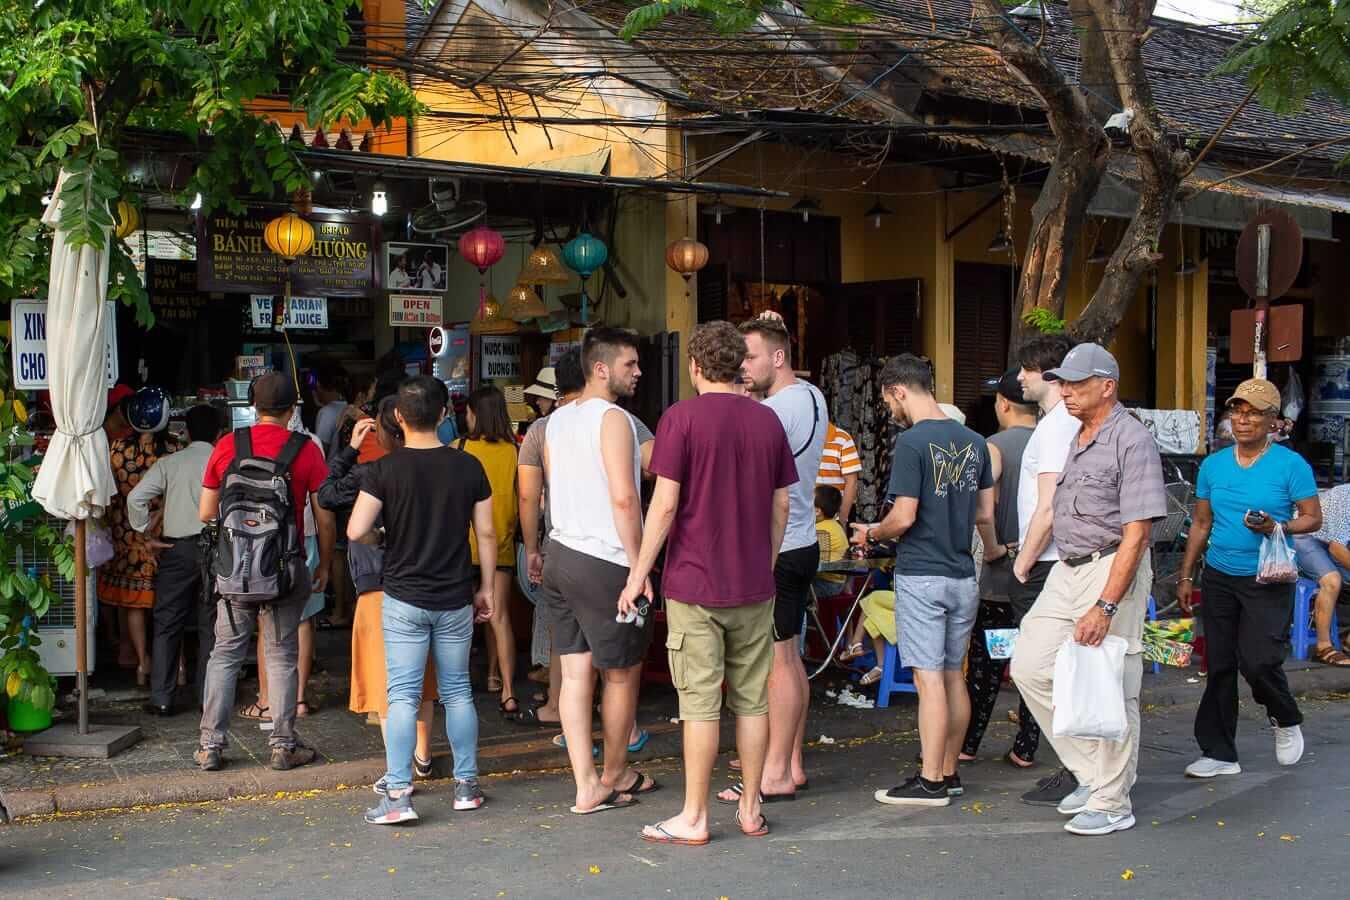 Queue at Banh Mi Phuong